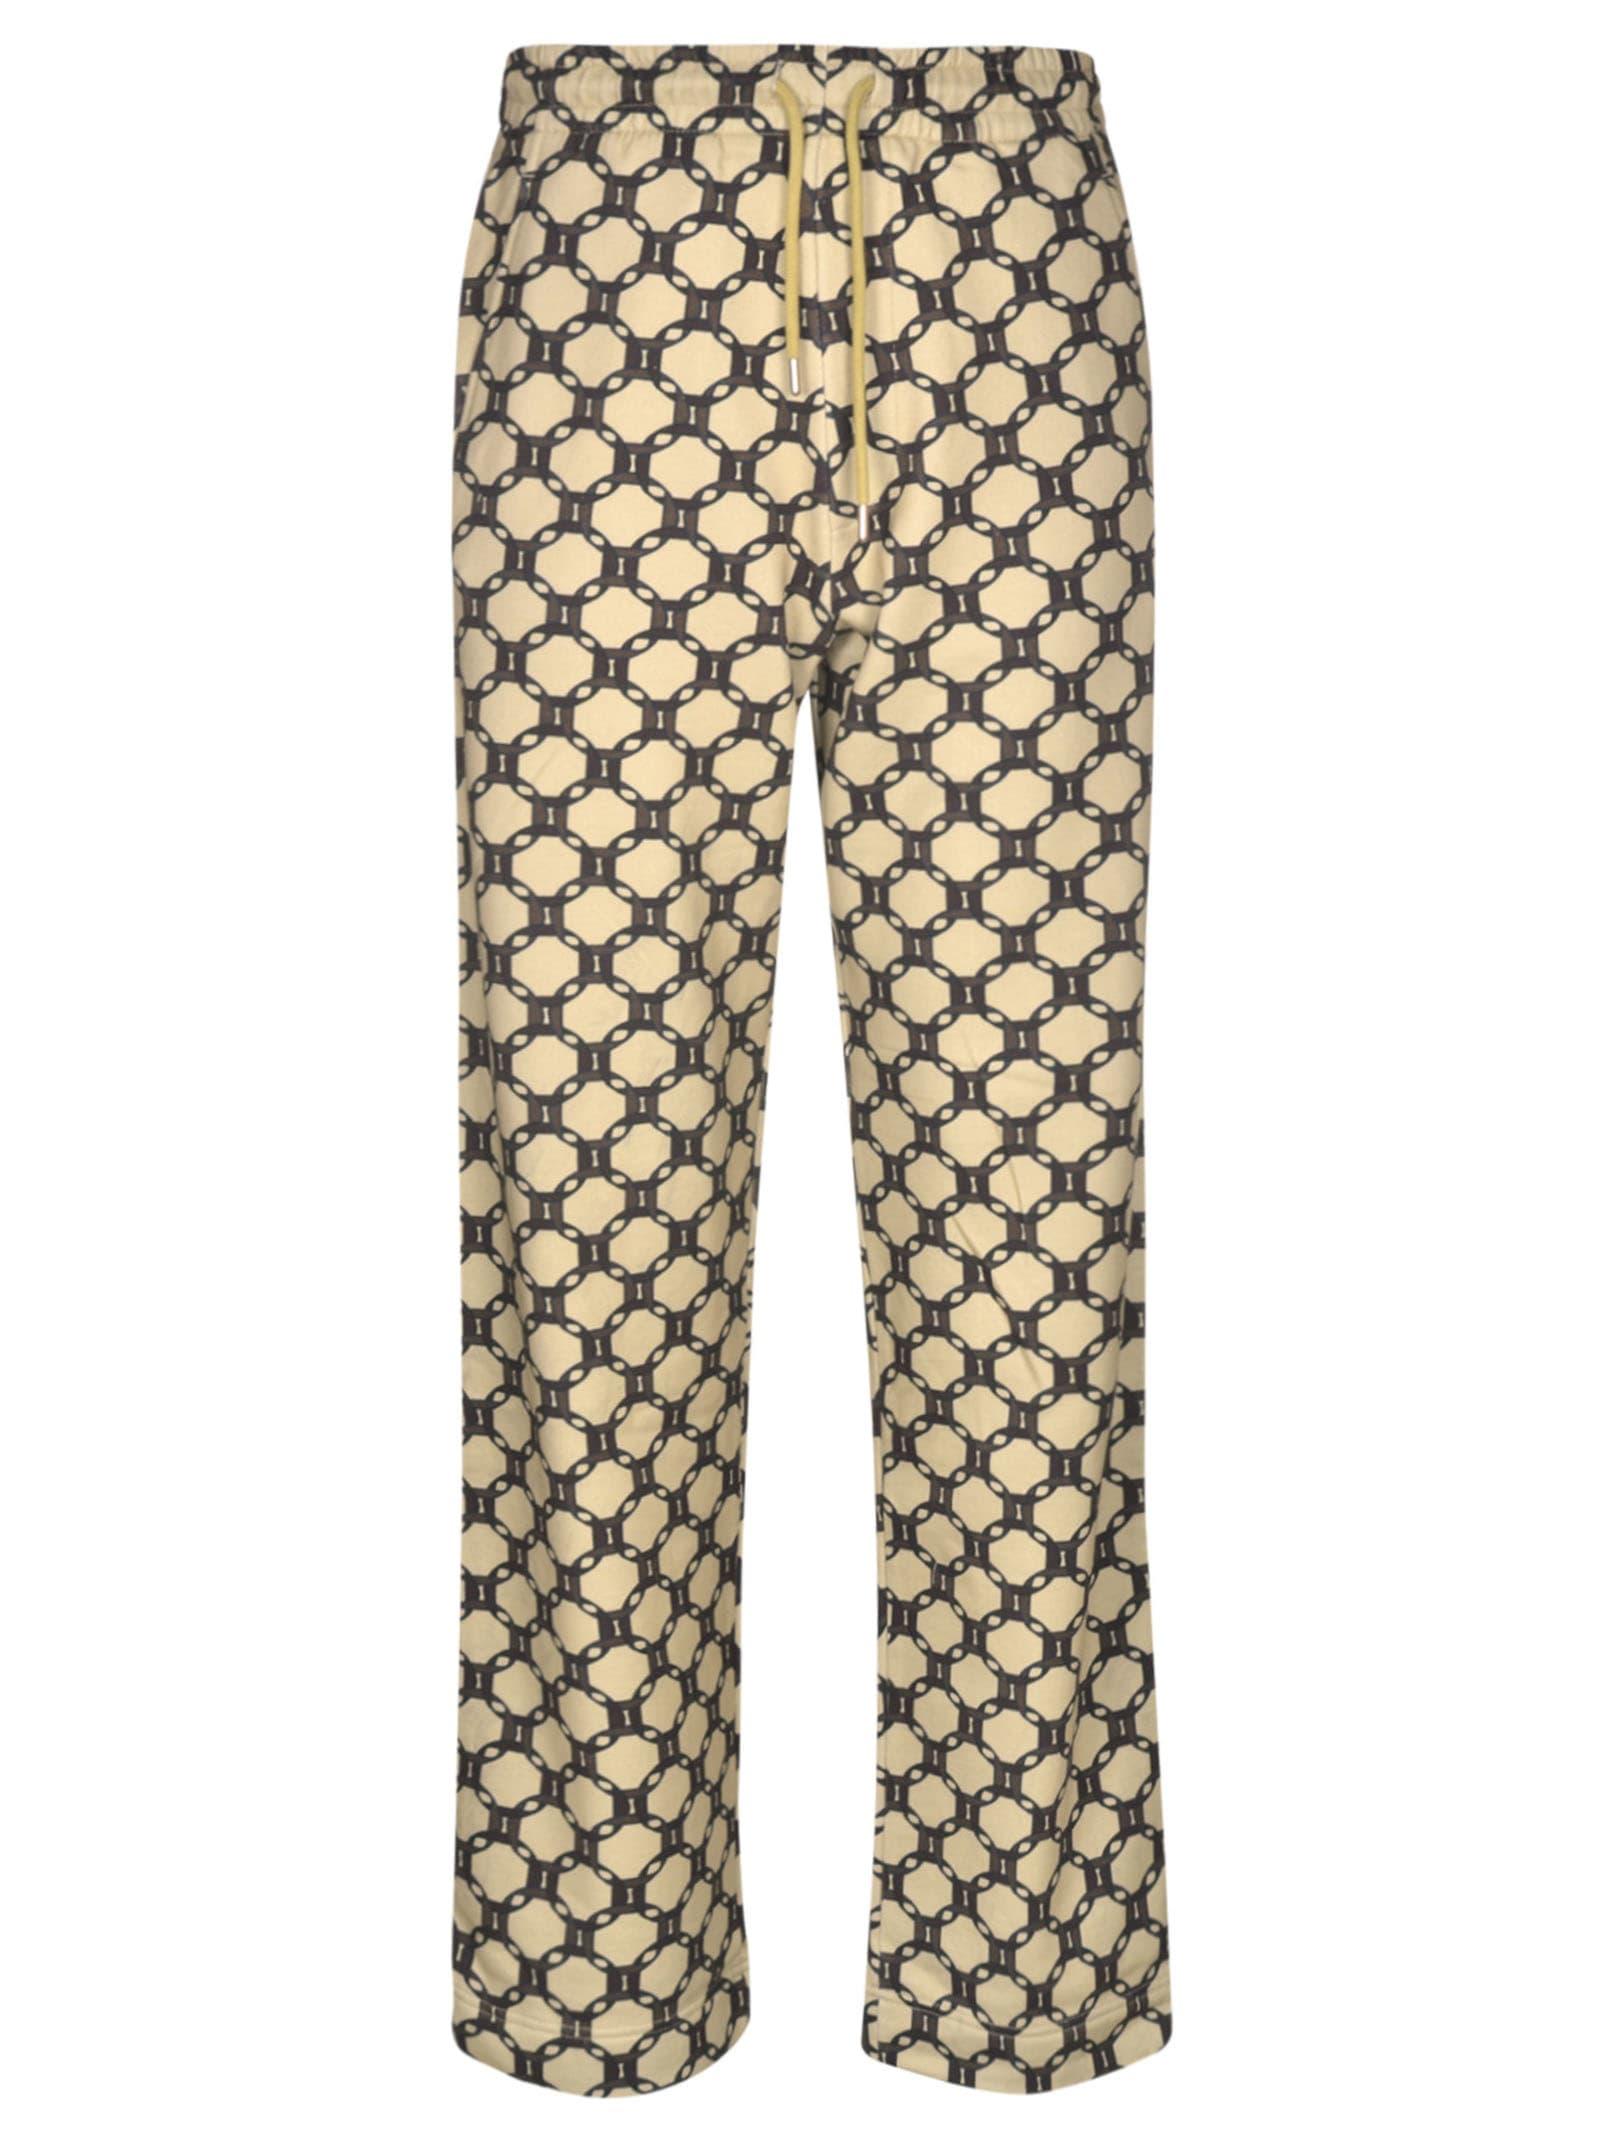 Dries Van Noten Long Length Printed Trousers In Ecru